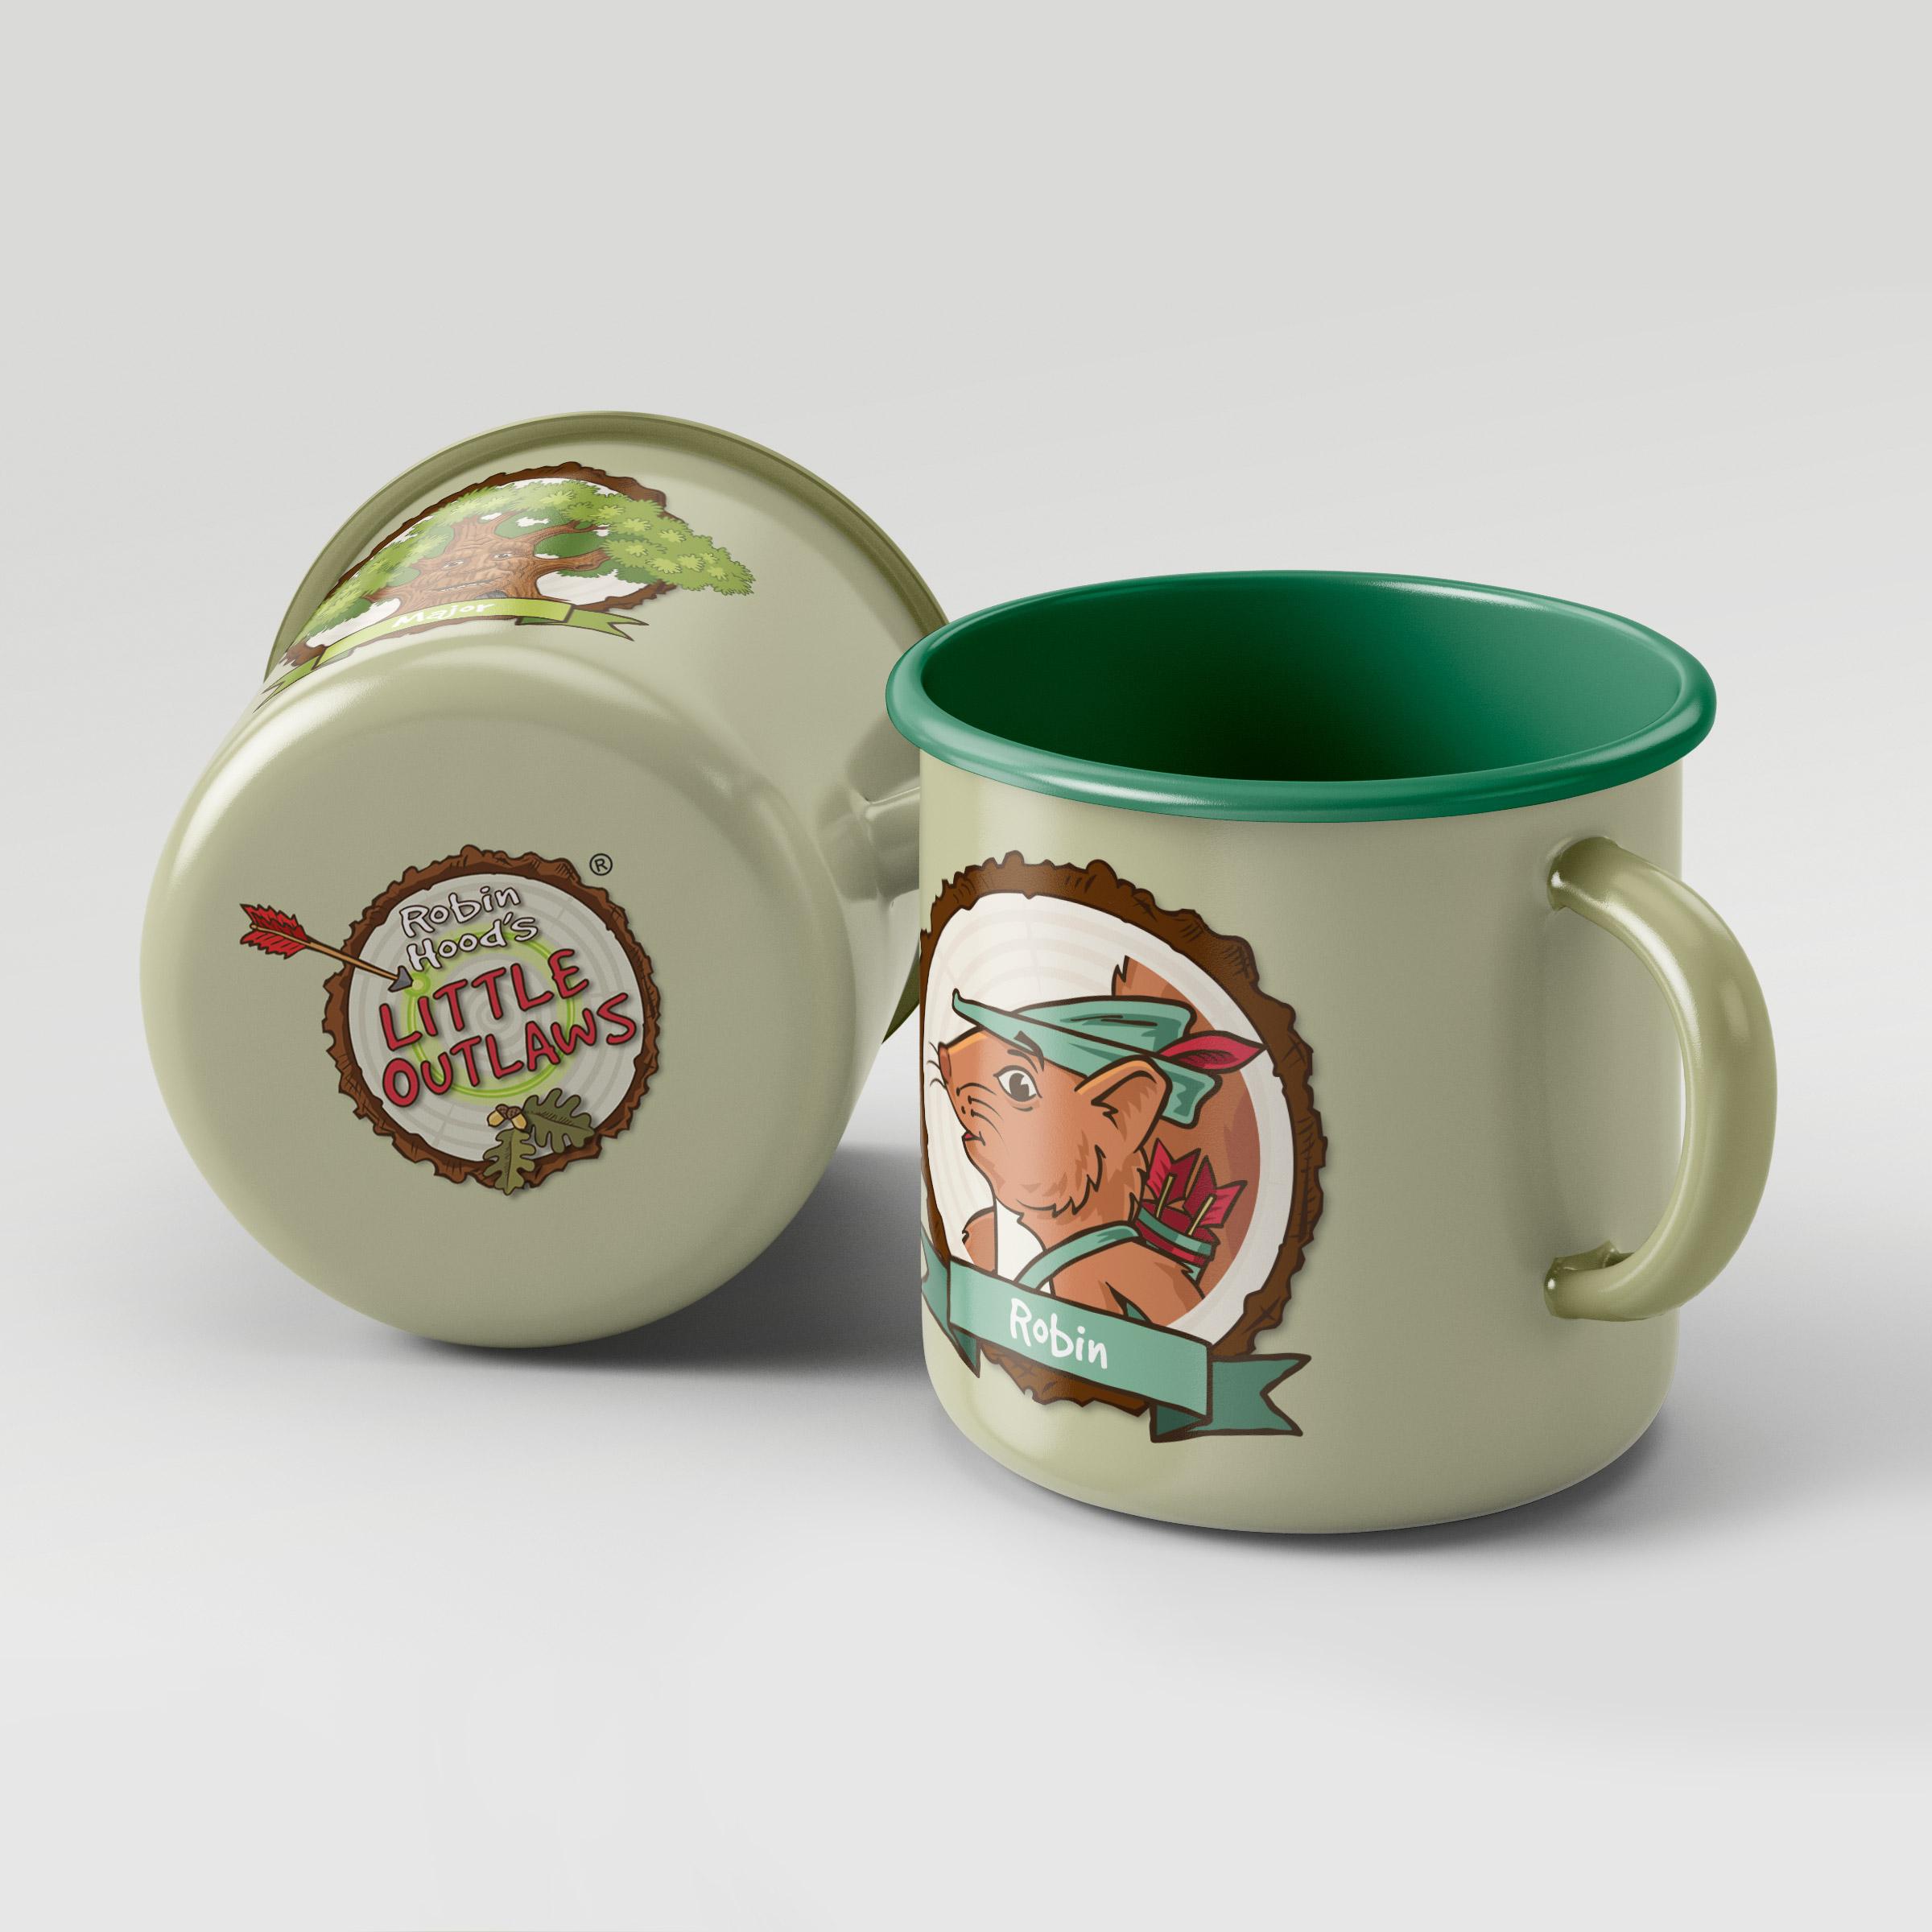 Robin Hood's Little Outlaws branded enamel mugs